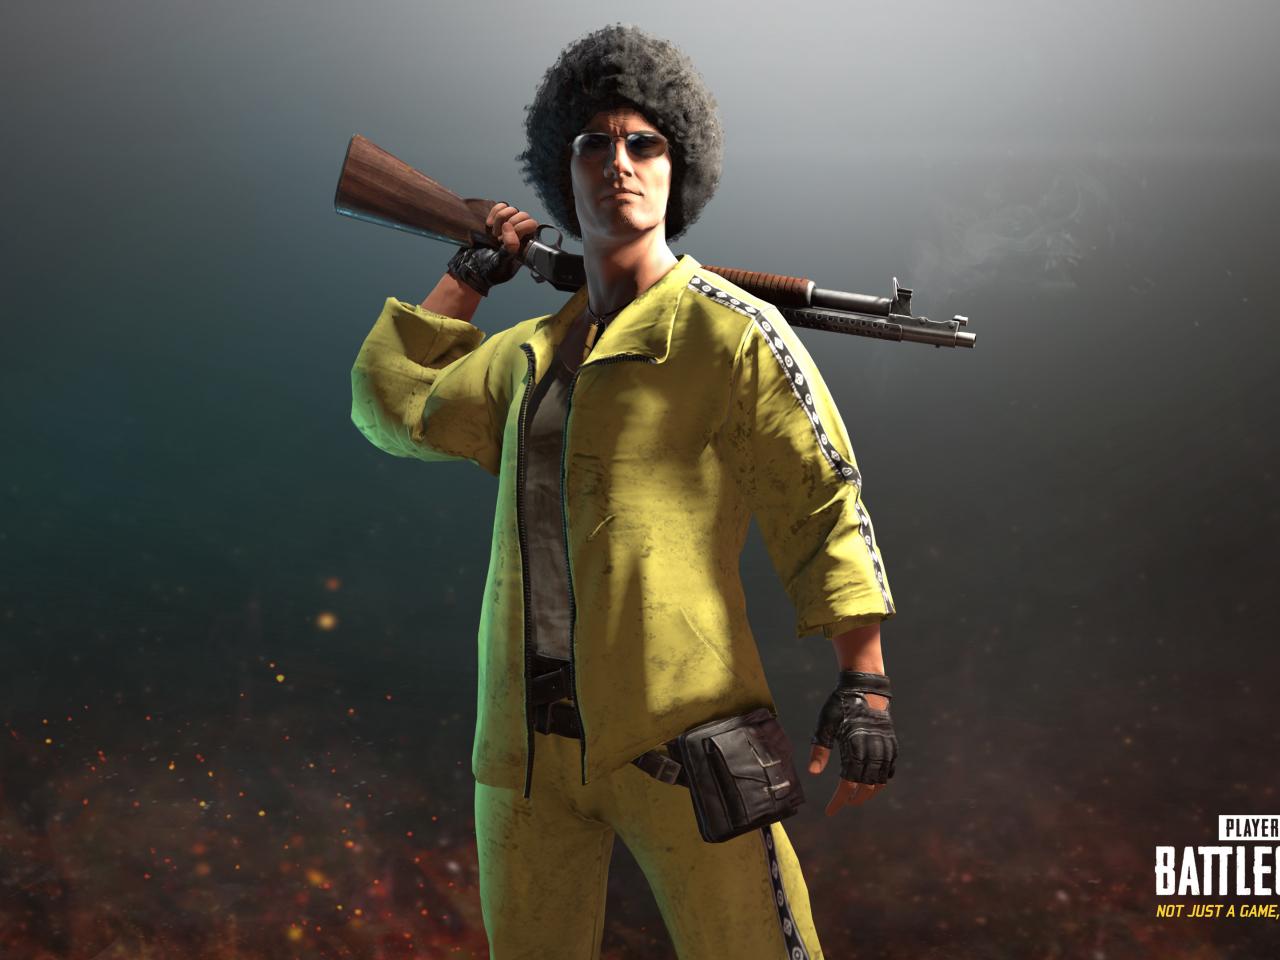 Playerunknowns Battlegrounds 4k Art Hd Games 4k: Playerunknowns Battlegrounds Video Game Character, HD 4K